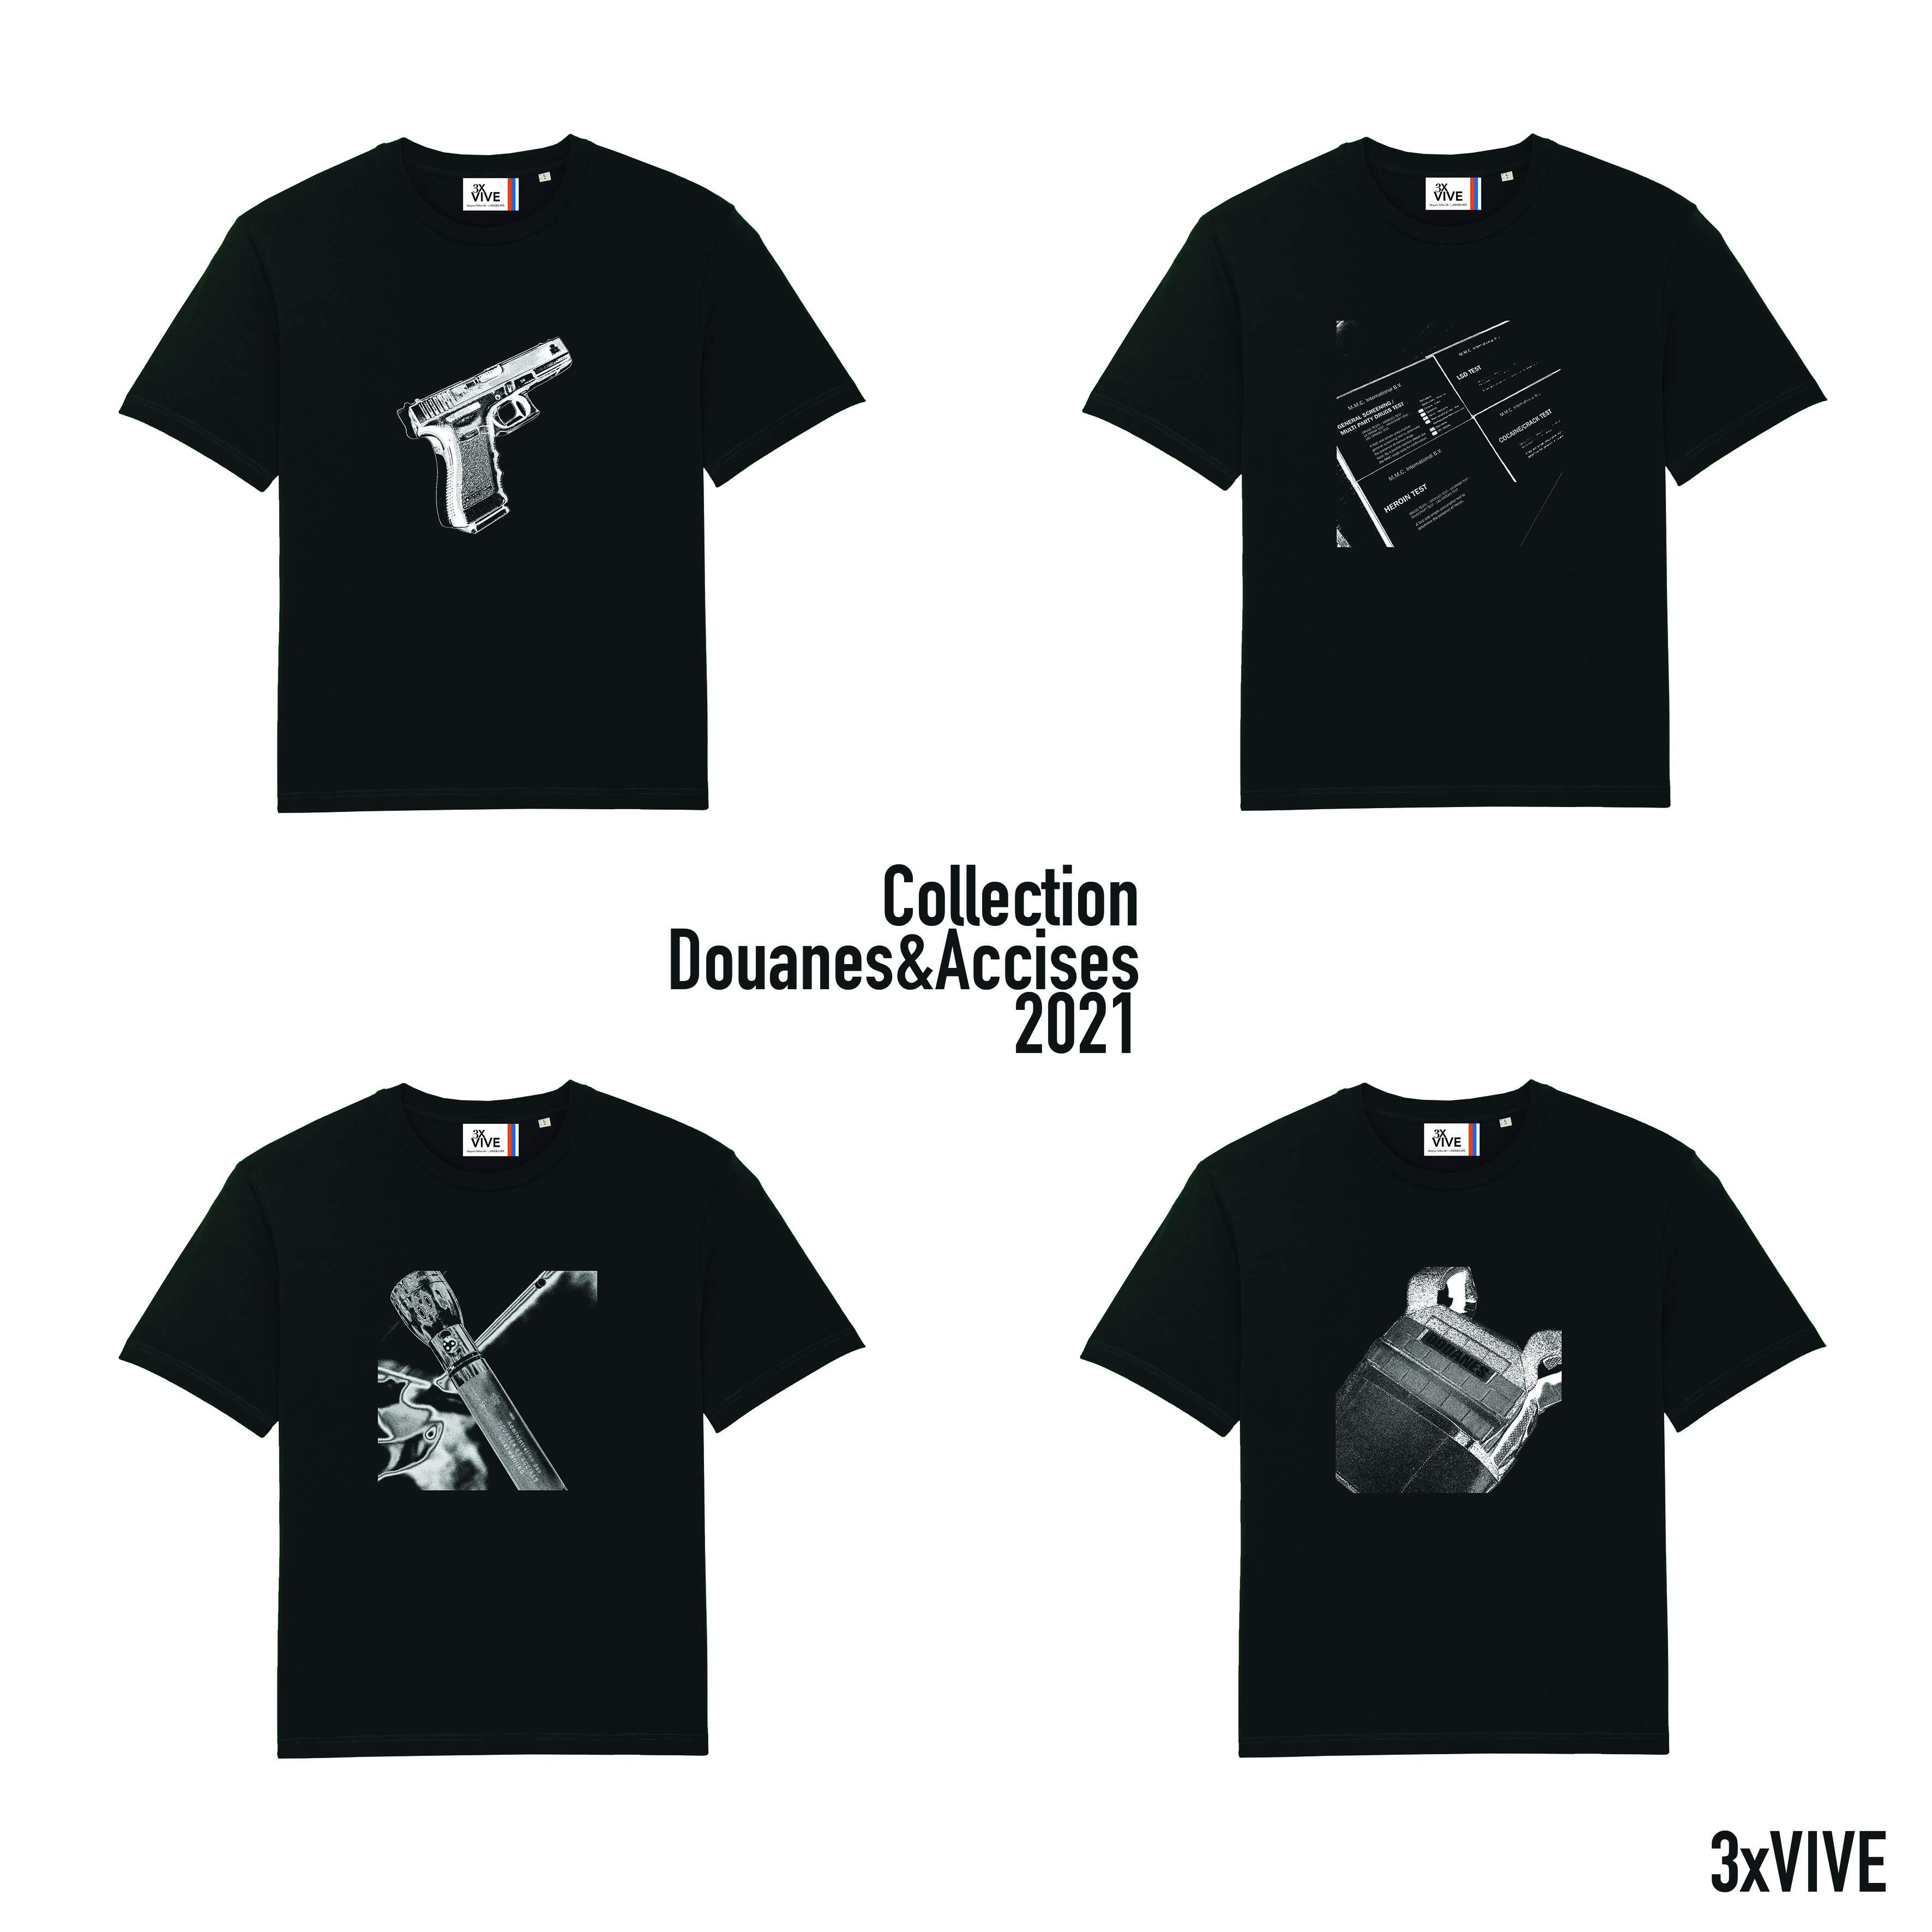 Collection Douanes&Accises lot de 4 T-shirts